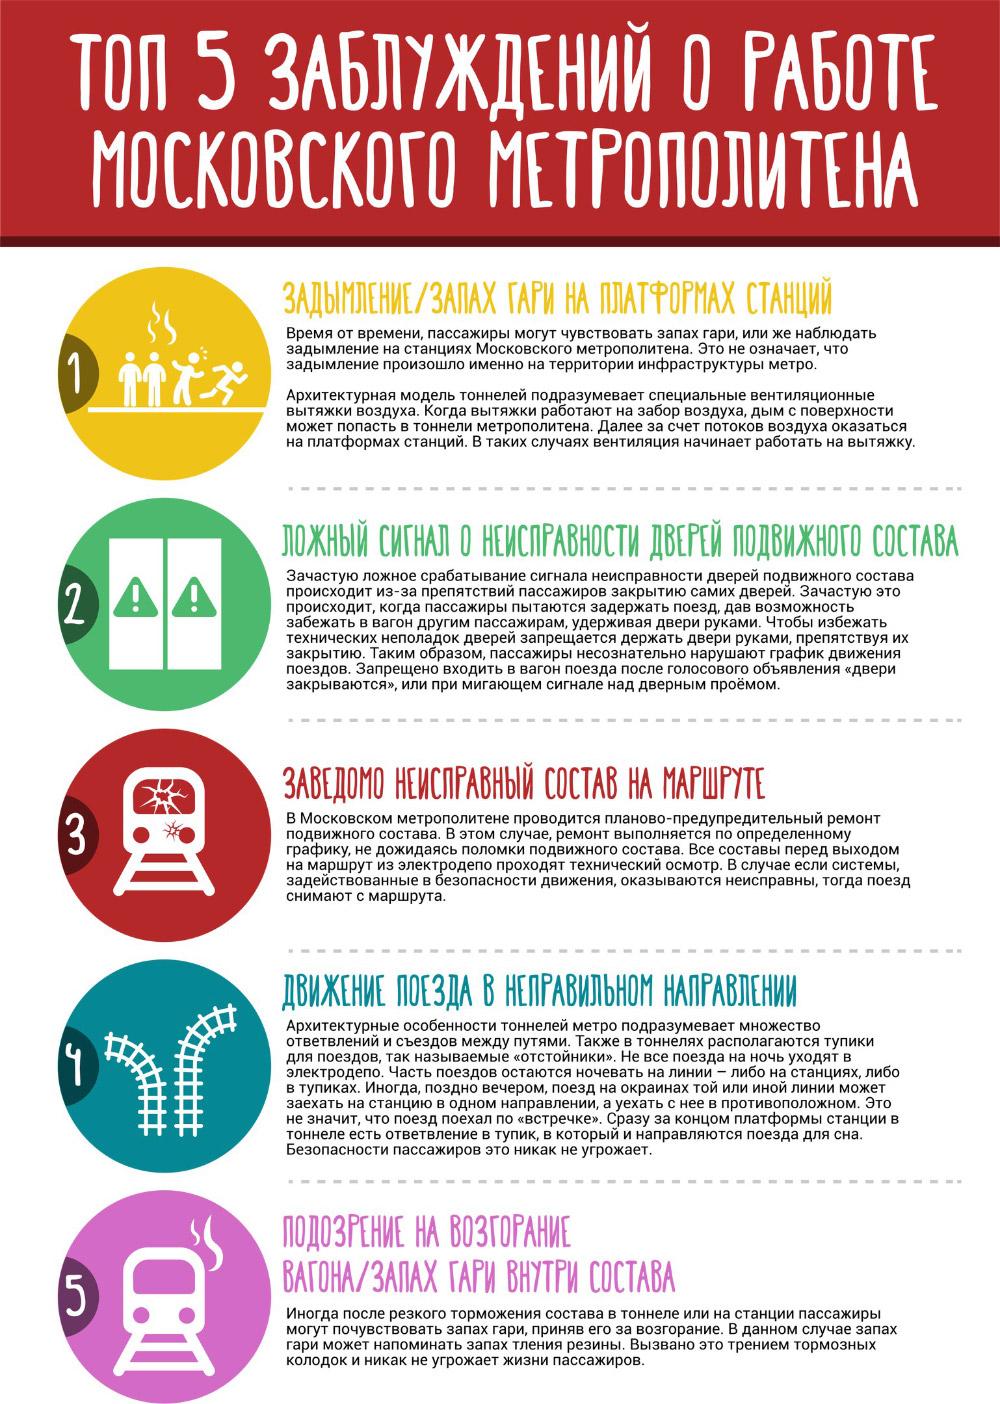 пять самых популярных заблуждений о метро